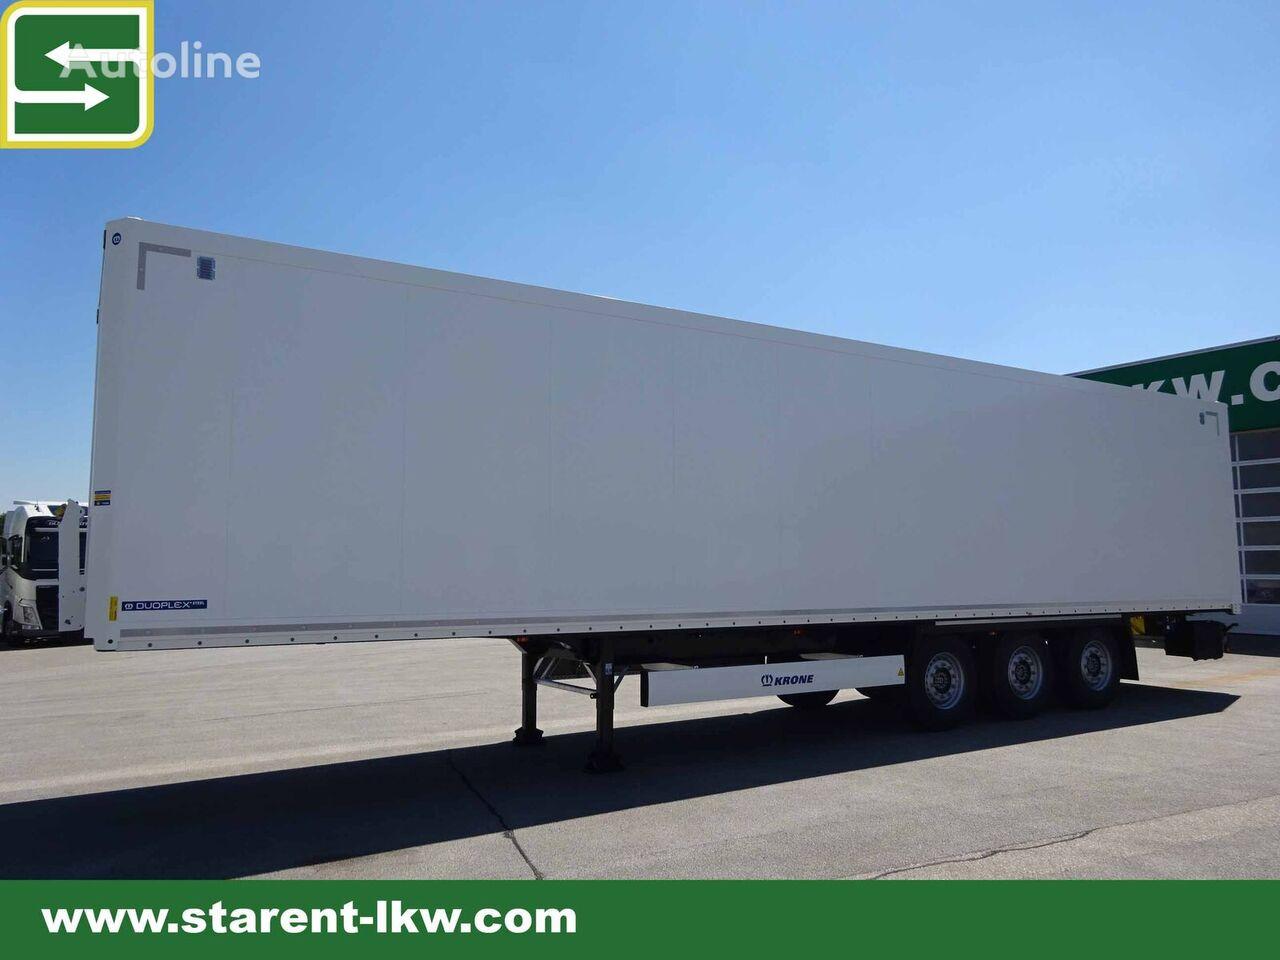 KRONE Trockenfrachtkoffer, Doppelstock, Liftachse  semirremolque furgón nuevo